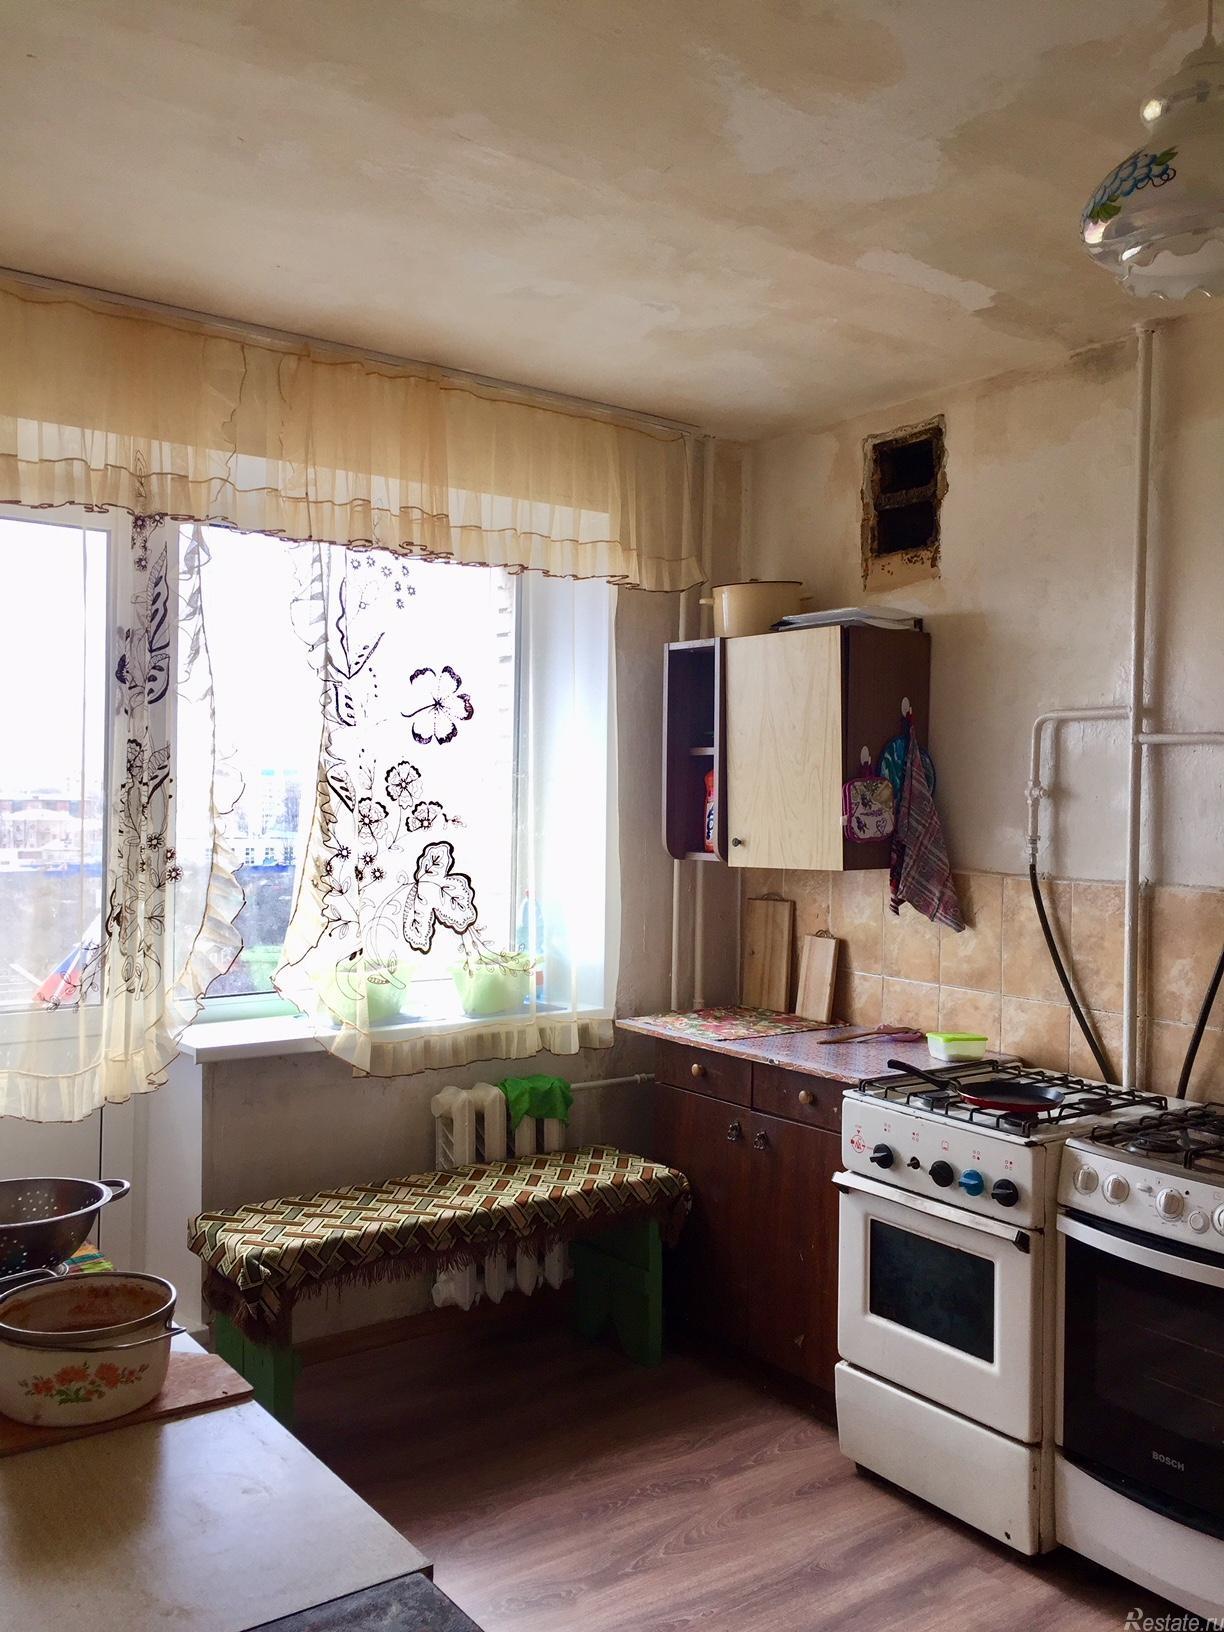 Продать Комнаты в квартирах Санкт-Петербург,  Колпинский,  Рыбацкое, Металлострой п, Садовая ул